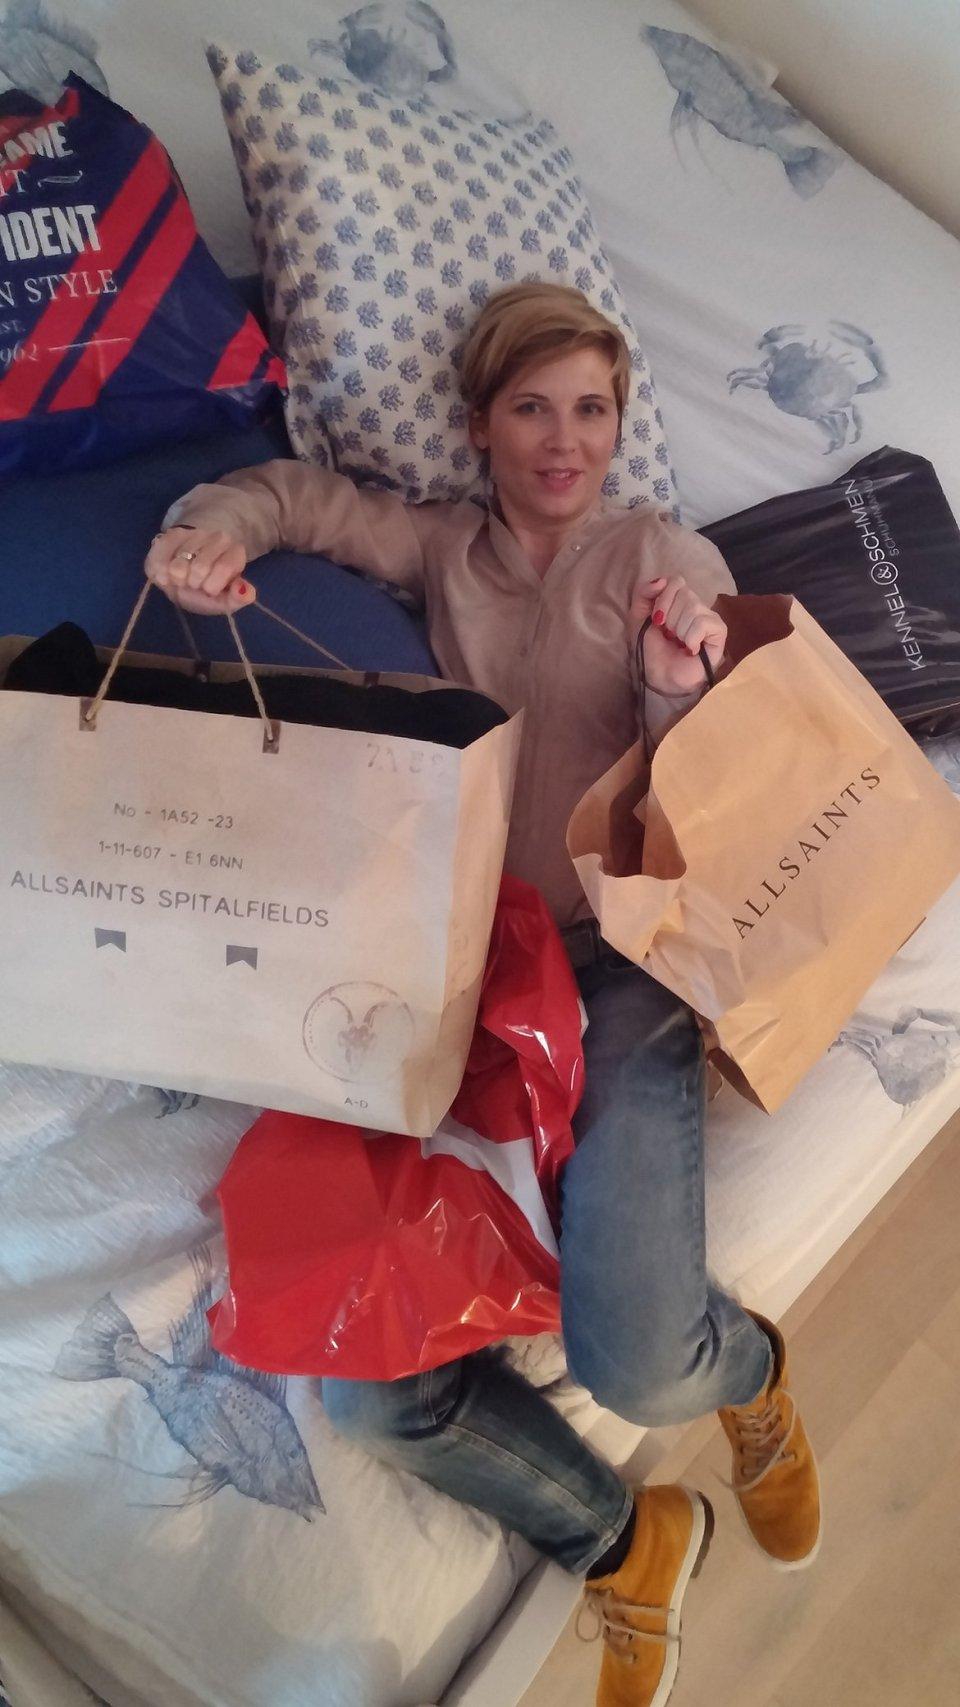 Conny im Himmel... das bequemste Bett der Welt und die Shopping-Ausbeute...